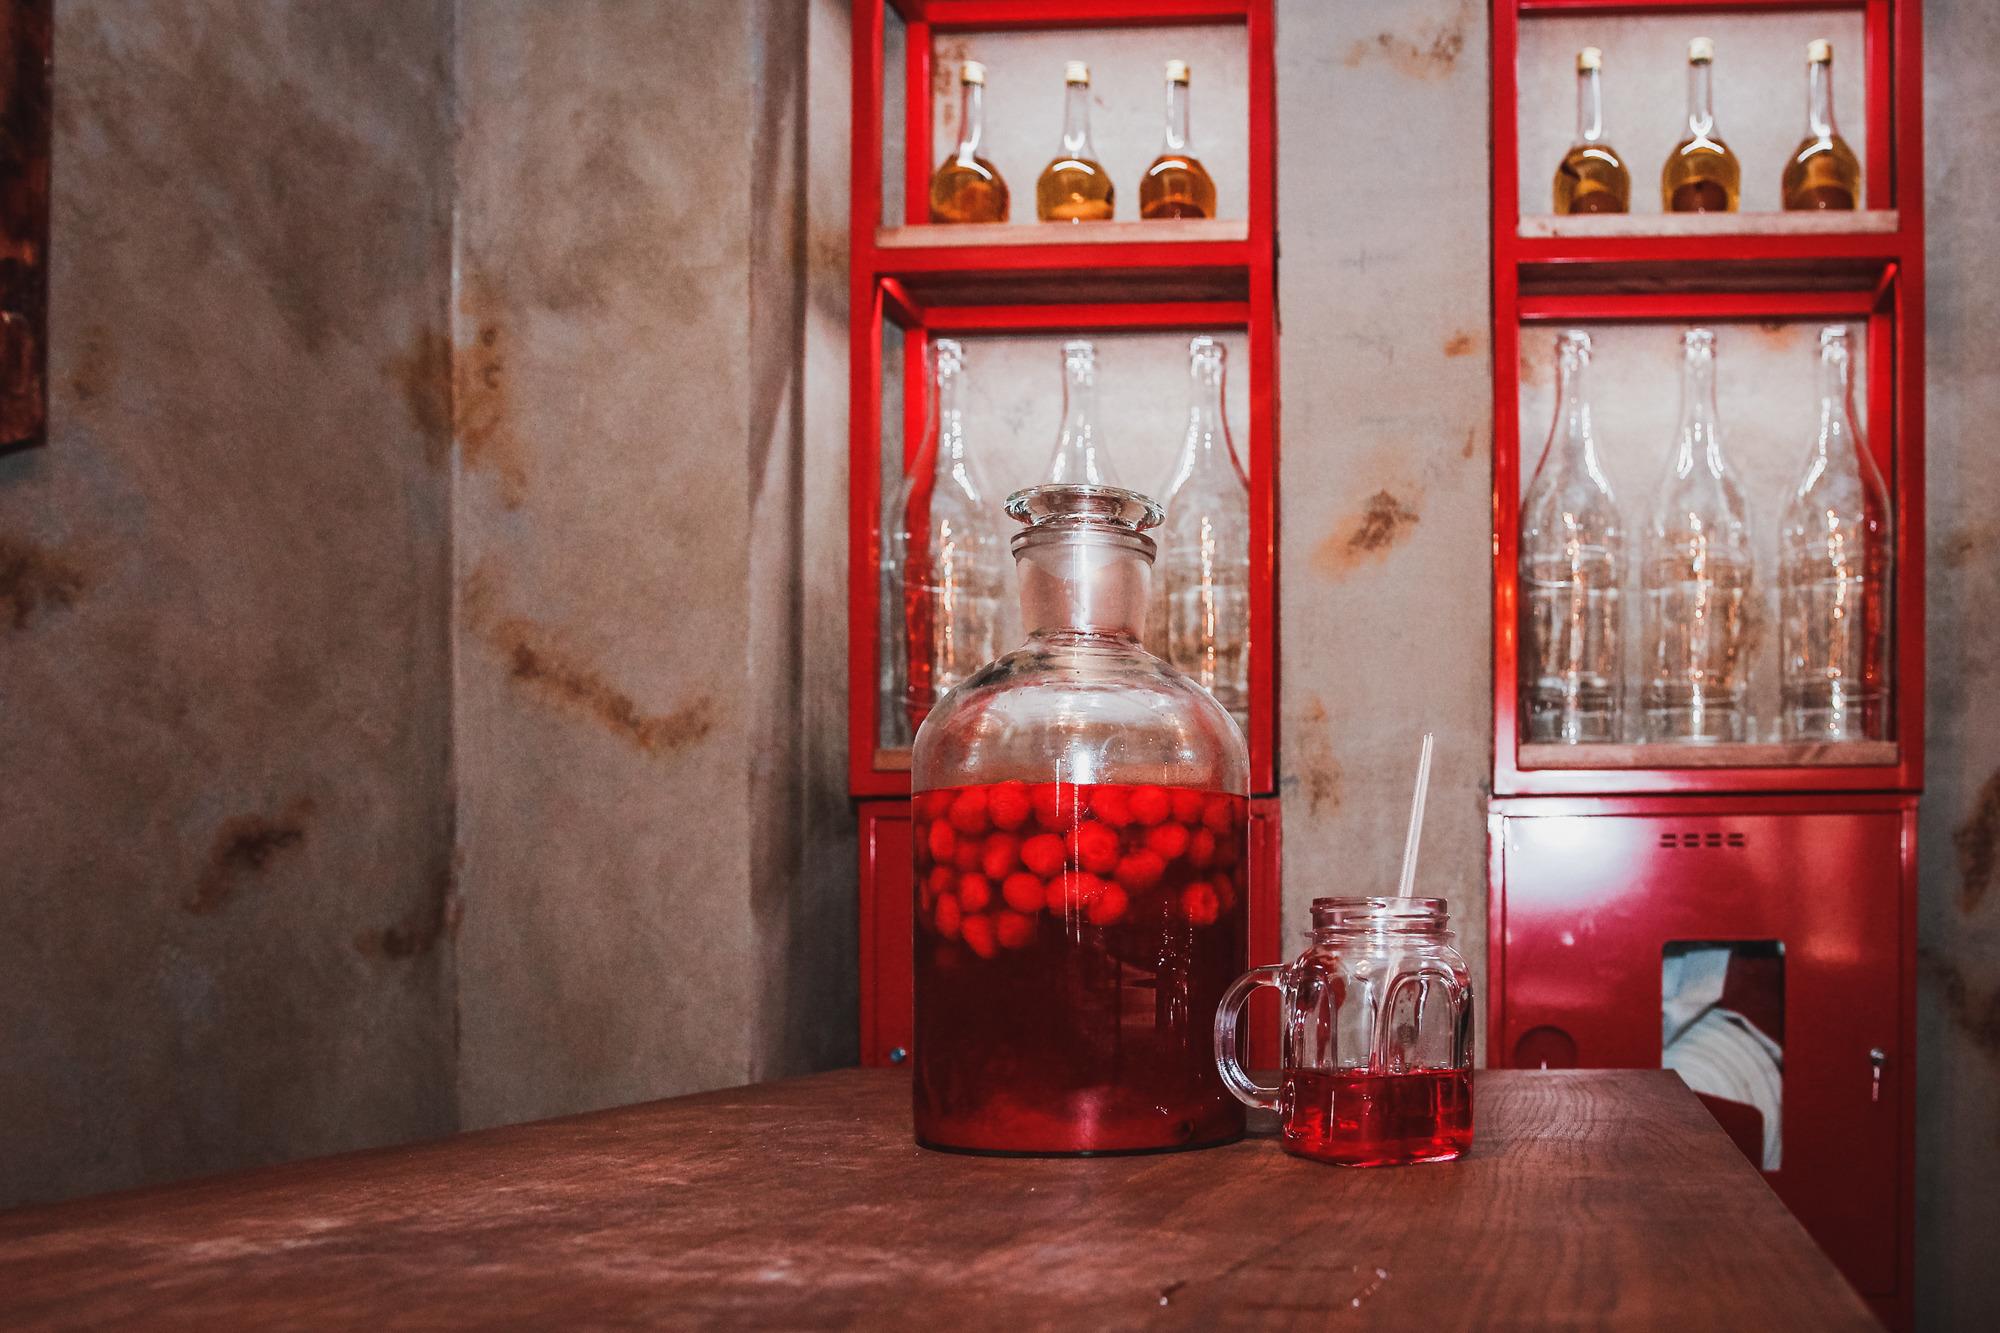 Бар «Банки Бутылки», фото: Анастасия Рогатко